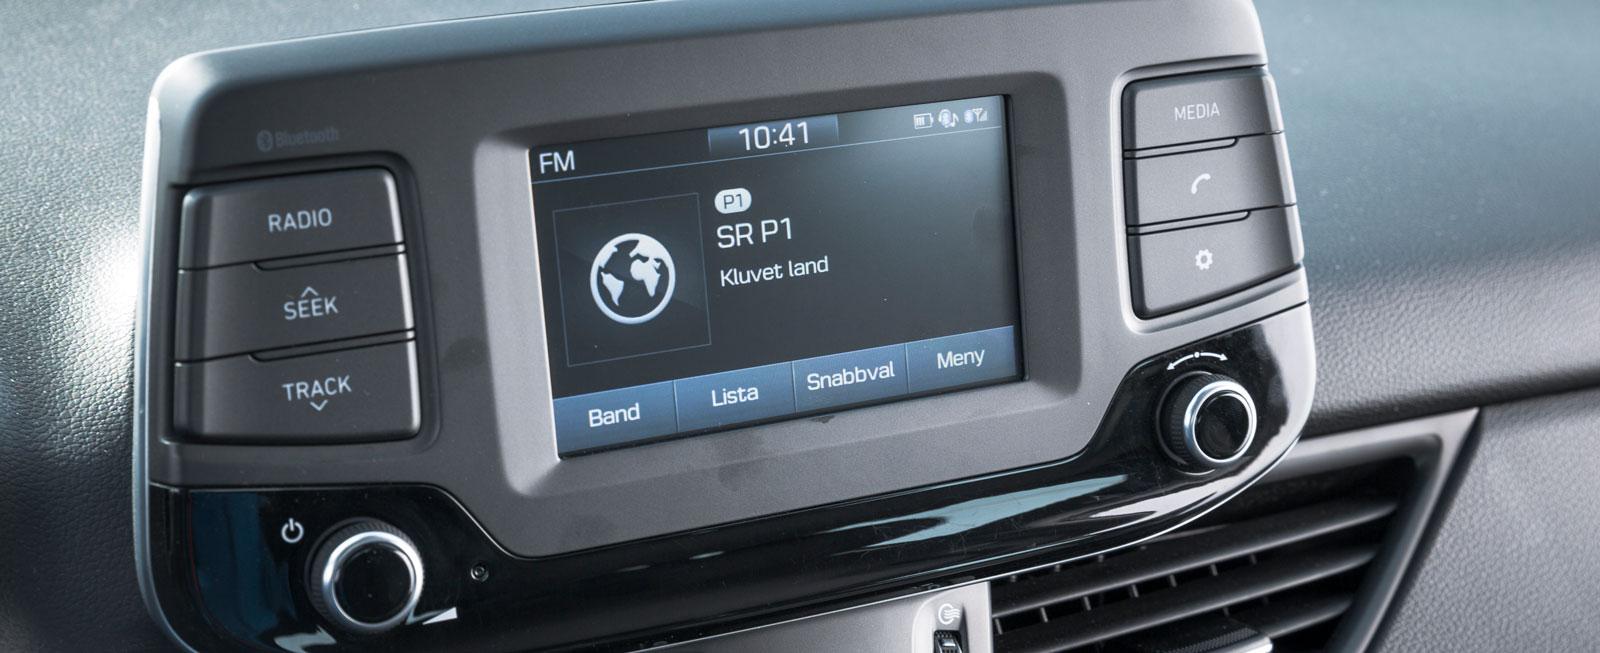 Testbilen var utrustad med standardsystemet utan särskilda finesser eller navigator. Mycket enkelt att sköta men skärmen är ganska liten.